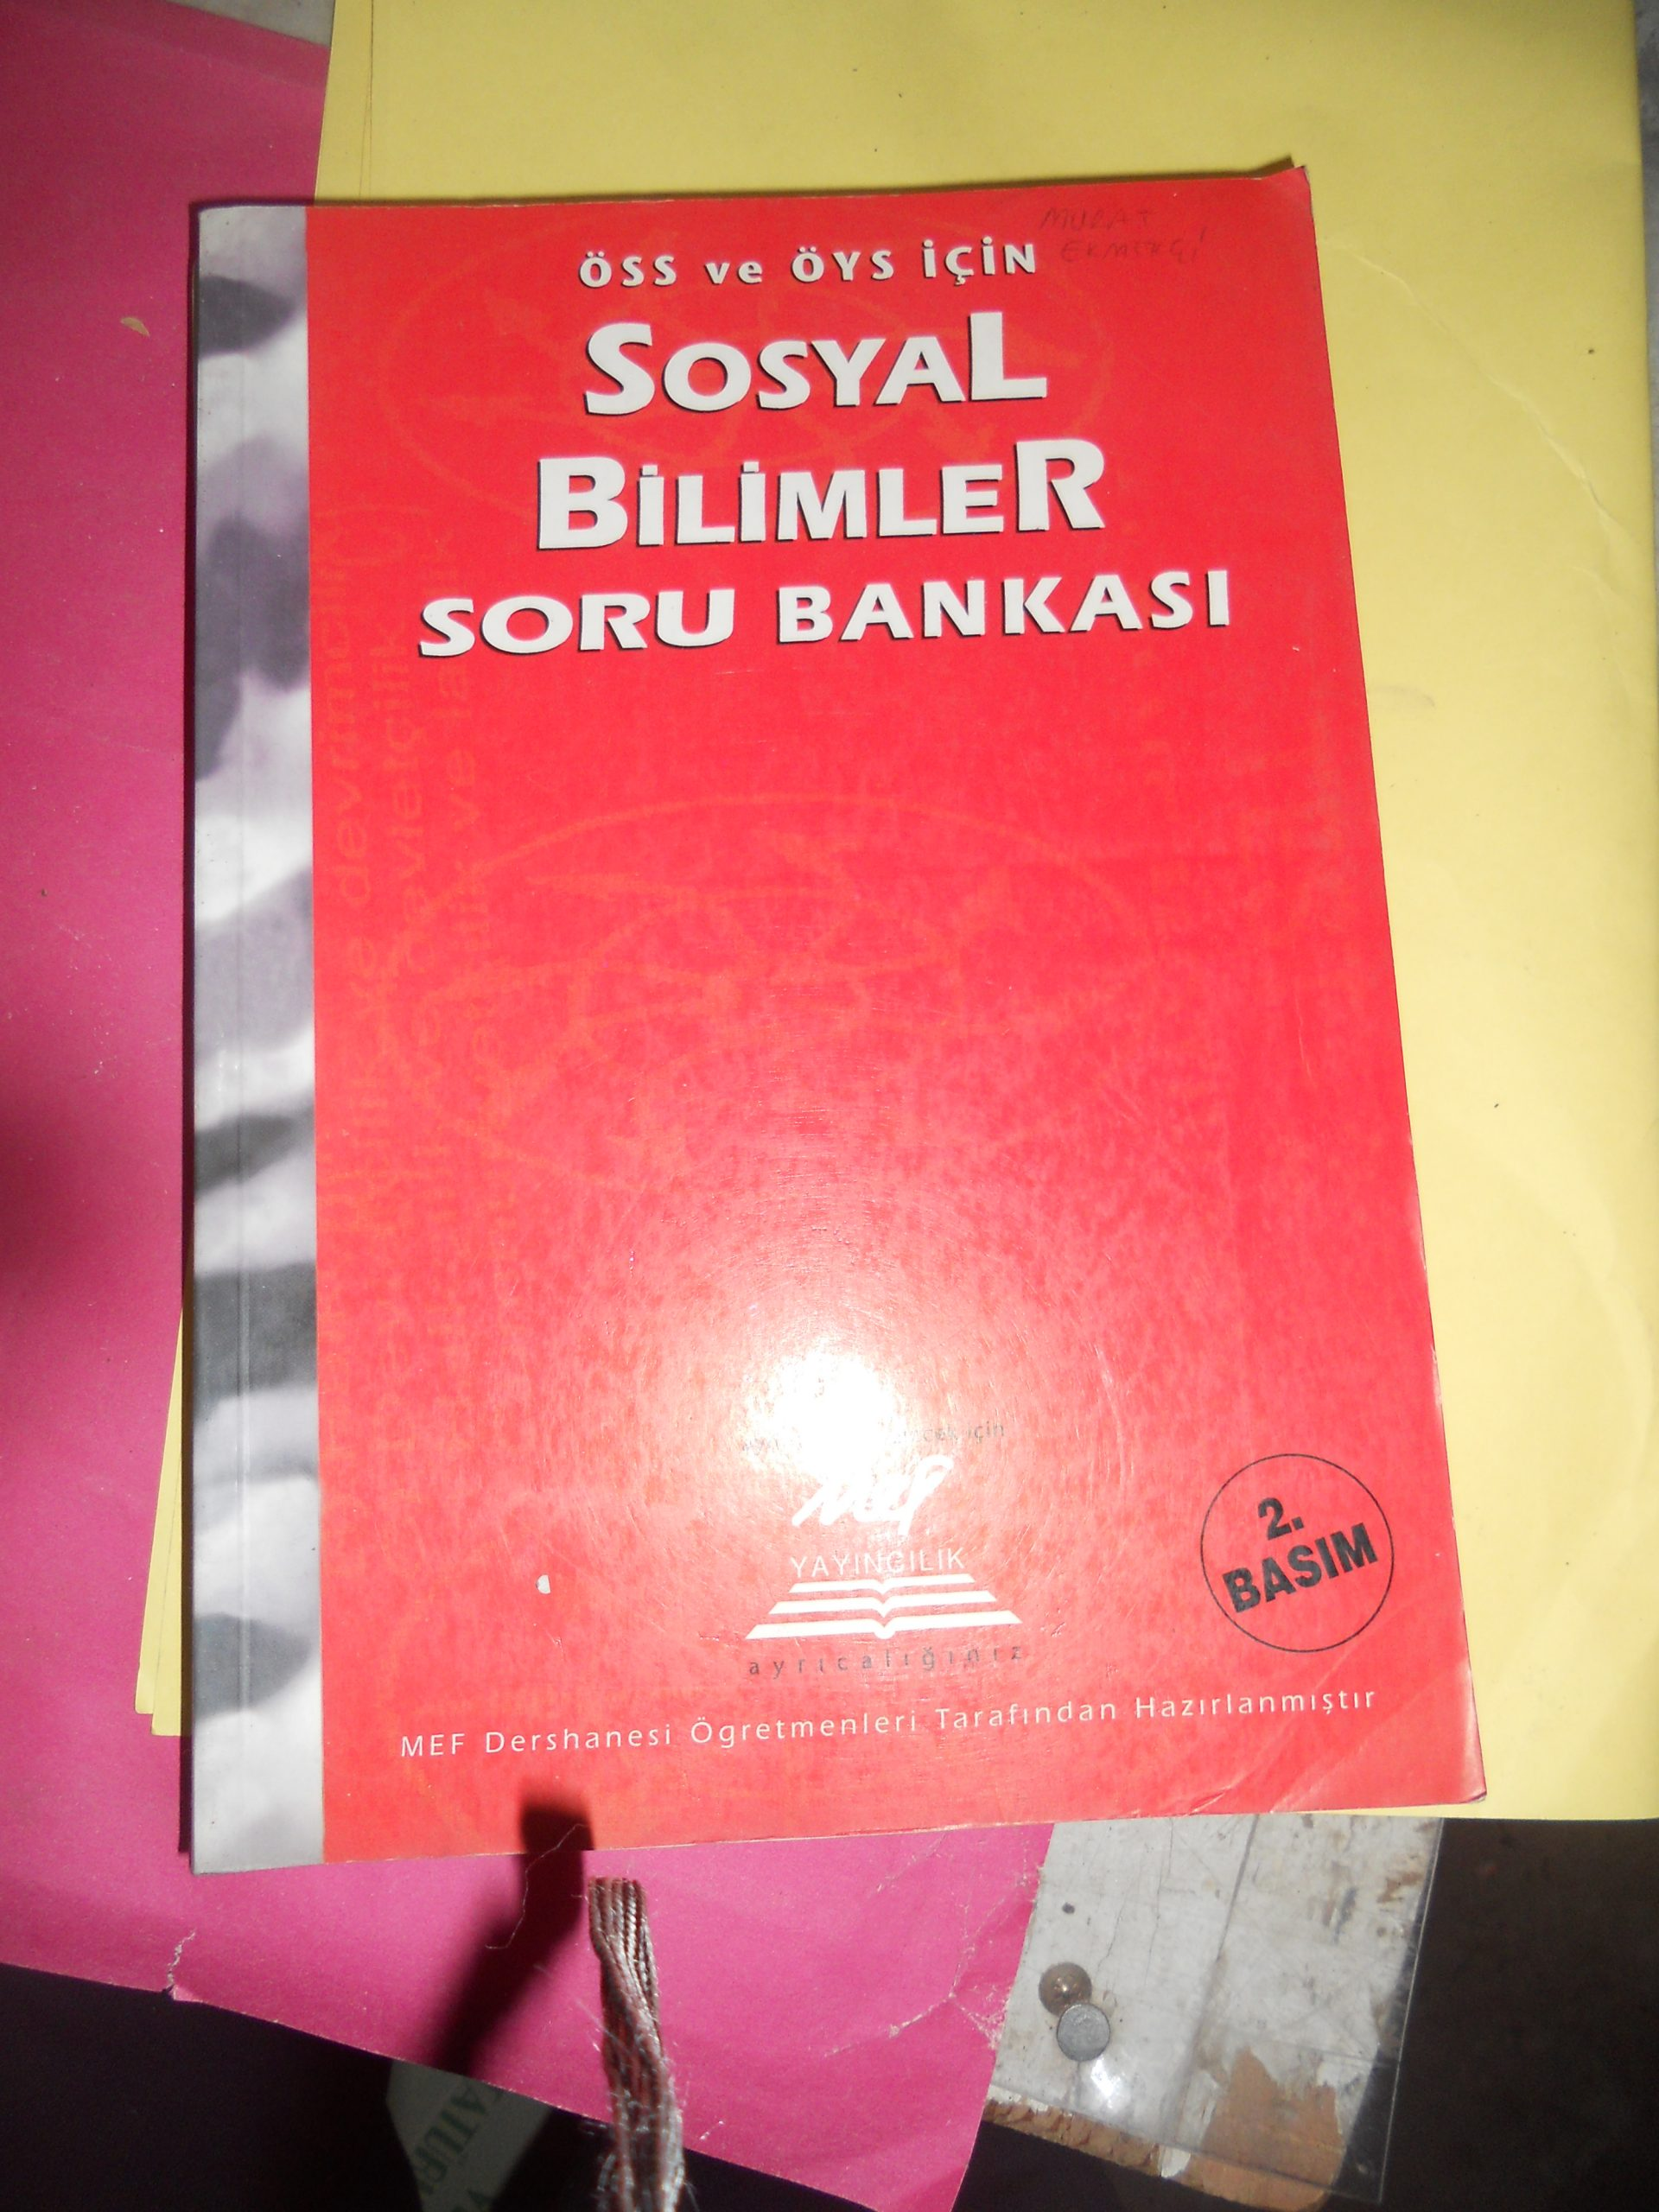 ÖSS ve ÖYS İÇİN SOSYAL BİLİMLER SORU BANKASI/MEF/15 TL